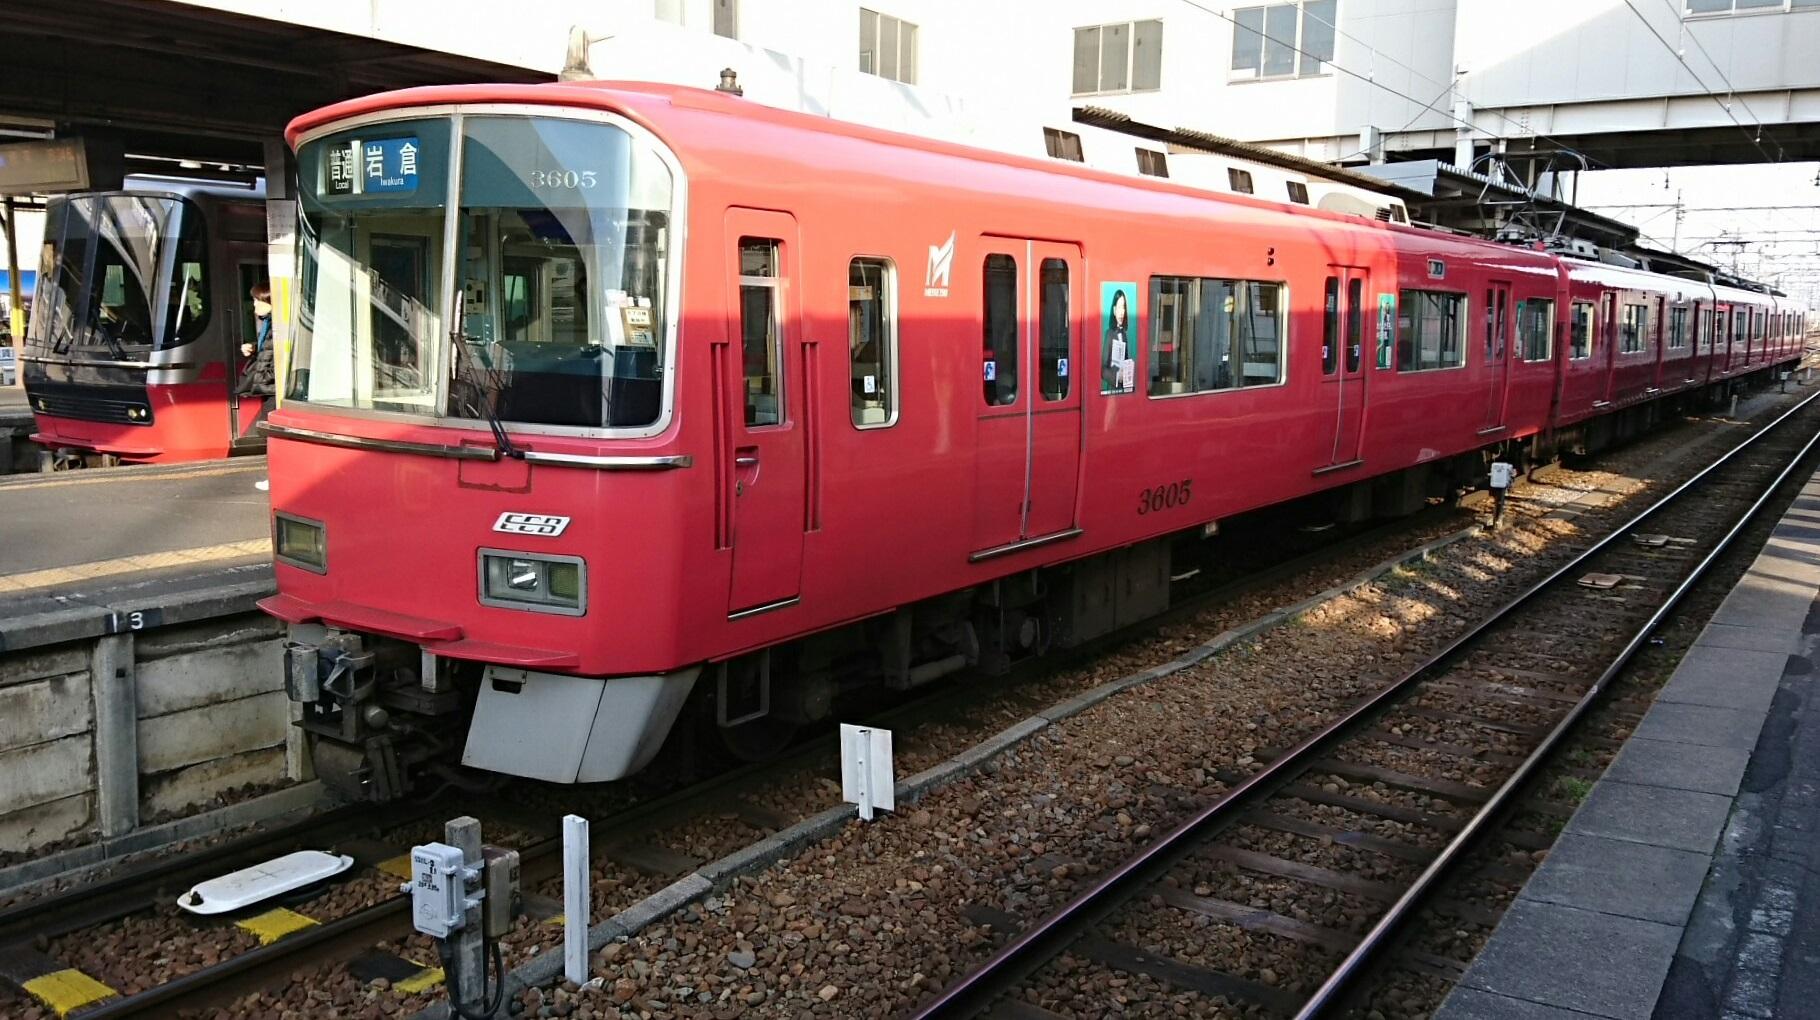 2017.3.12 名古屋 (46) しんあんじょう - 岩倉いきふつう 1820-1020